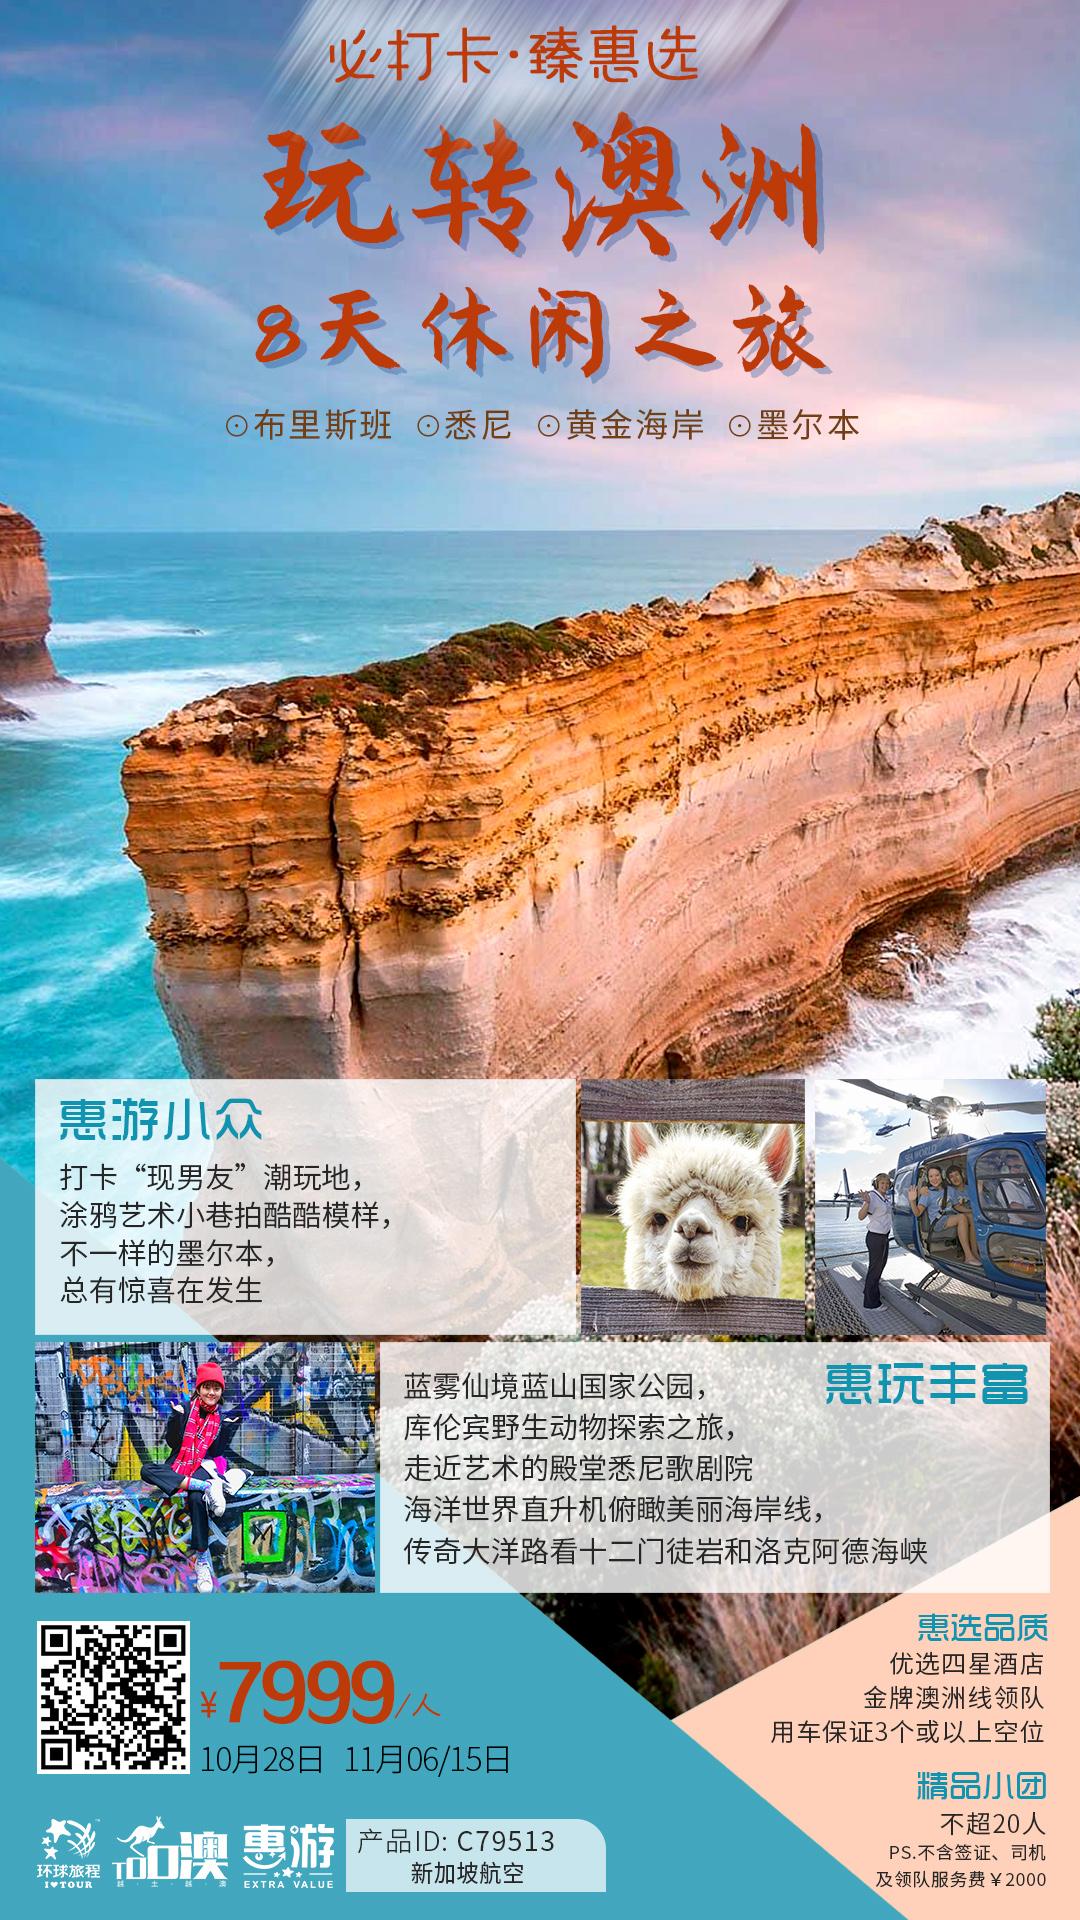 【惠游】玩转澳洲8天惠游休闲之旅